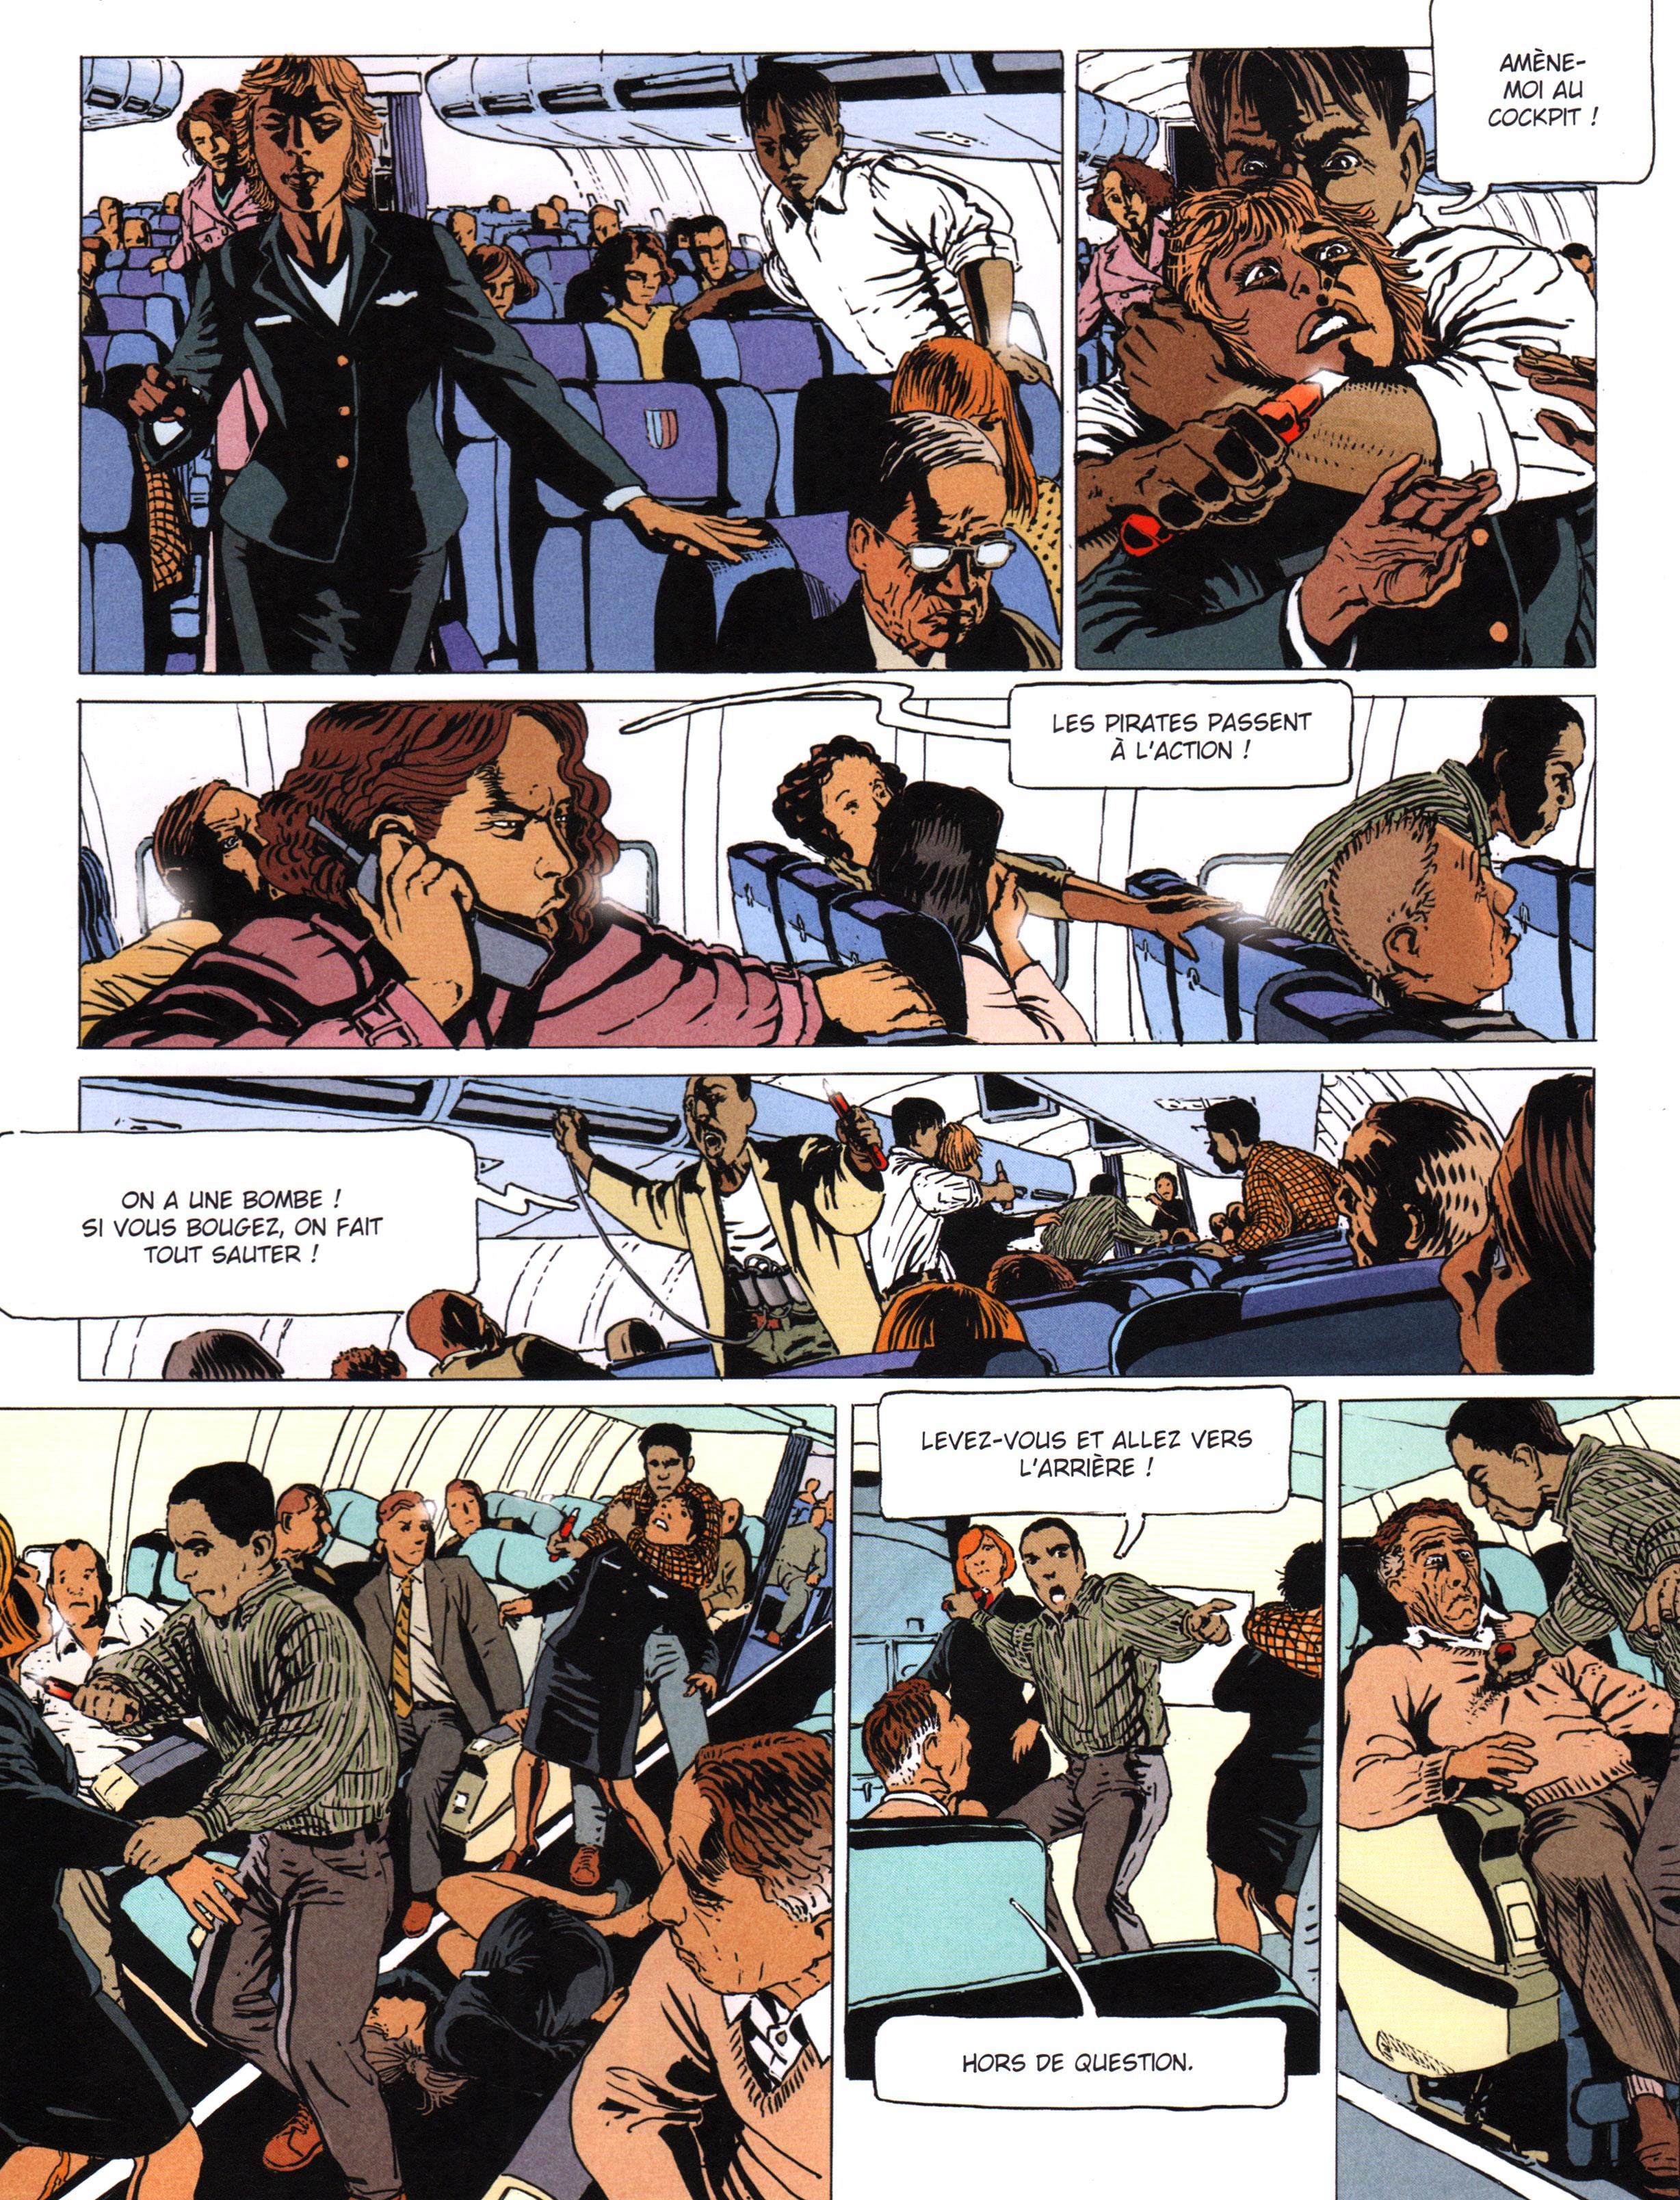 Le Prince des ténèbres 2/3 - 11 septembre 2001 : Al-Qaïda attaque l'Amérique – © Éditions Delcourt, 2017 – © Scénario : Fred Duval et Jean-Pierre Pécau assistés de Fred Blanchard, 2017 – © Dessin : Igor Kordey, 2017 – © Couverture Nicolas Siner et Fred Blanchard, 2017